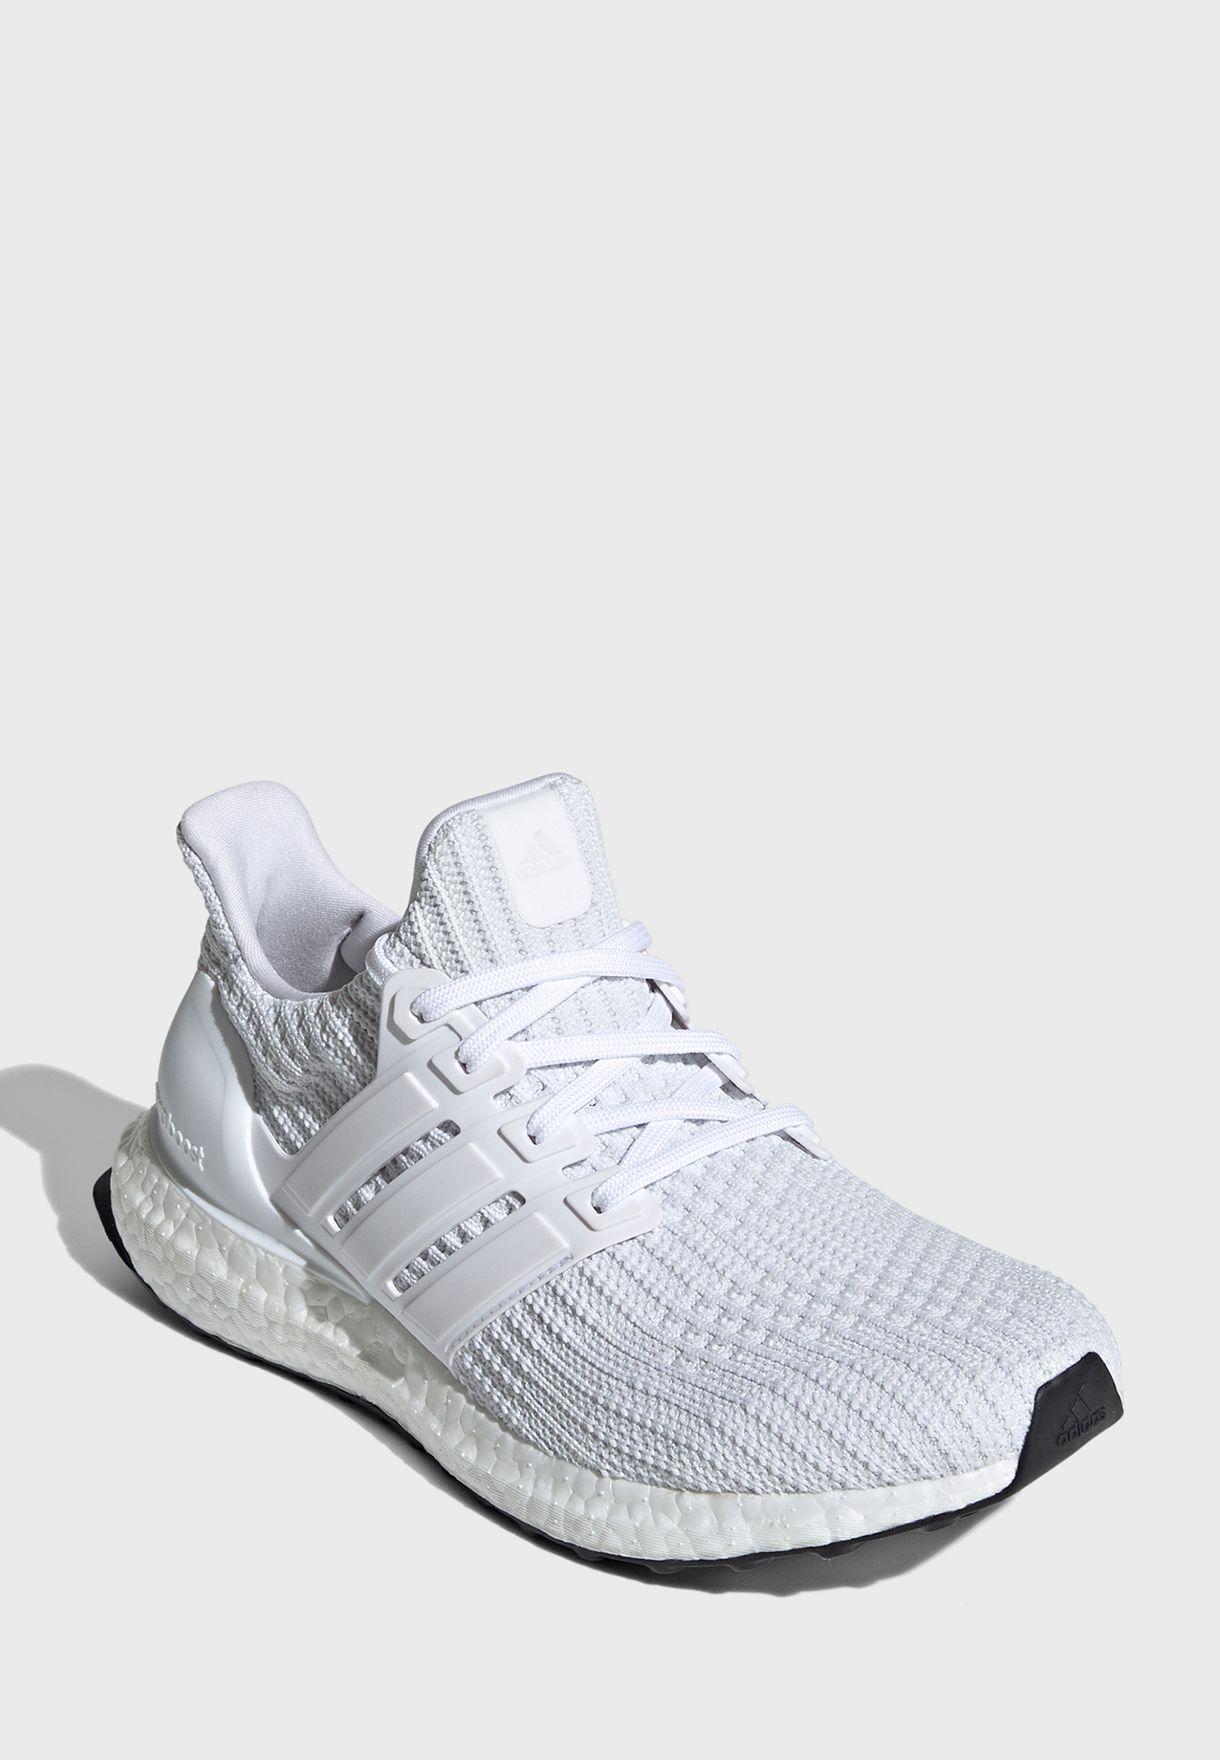 حذاء الترا بوست 4.0 دي ان ايه